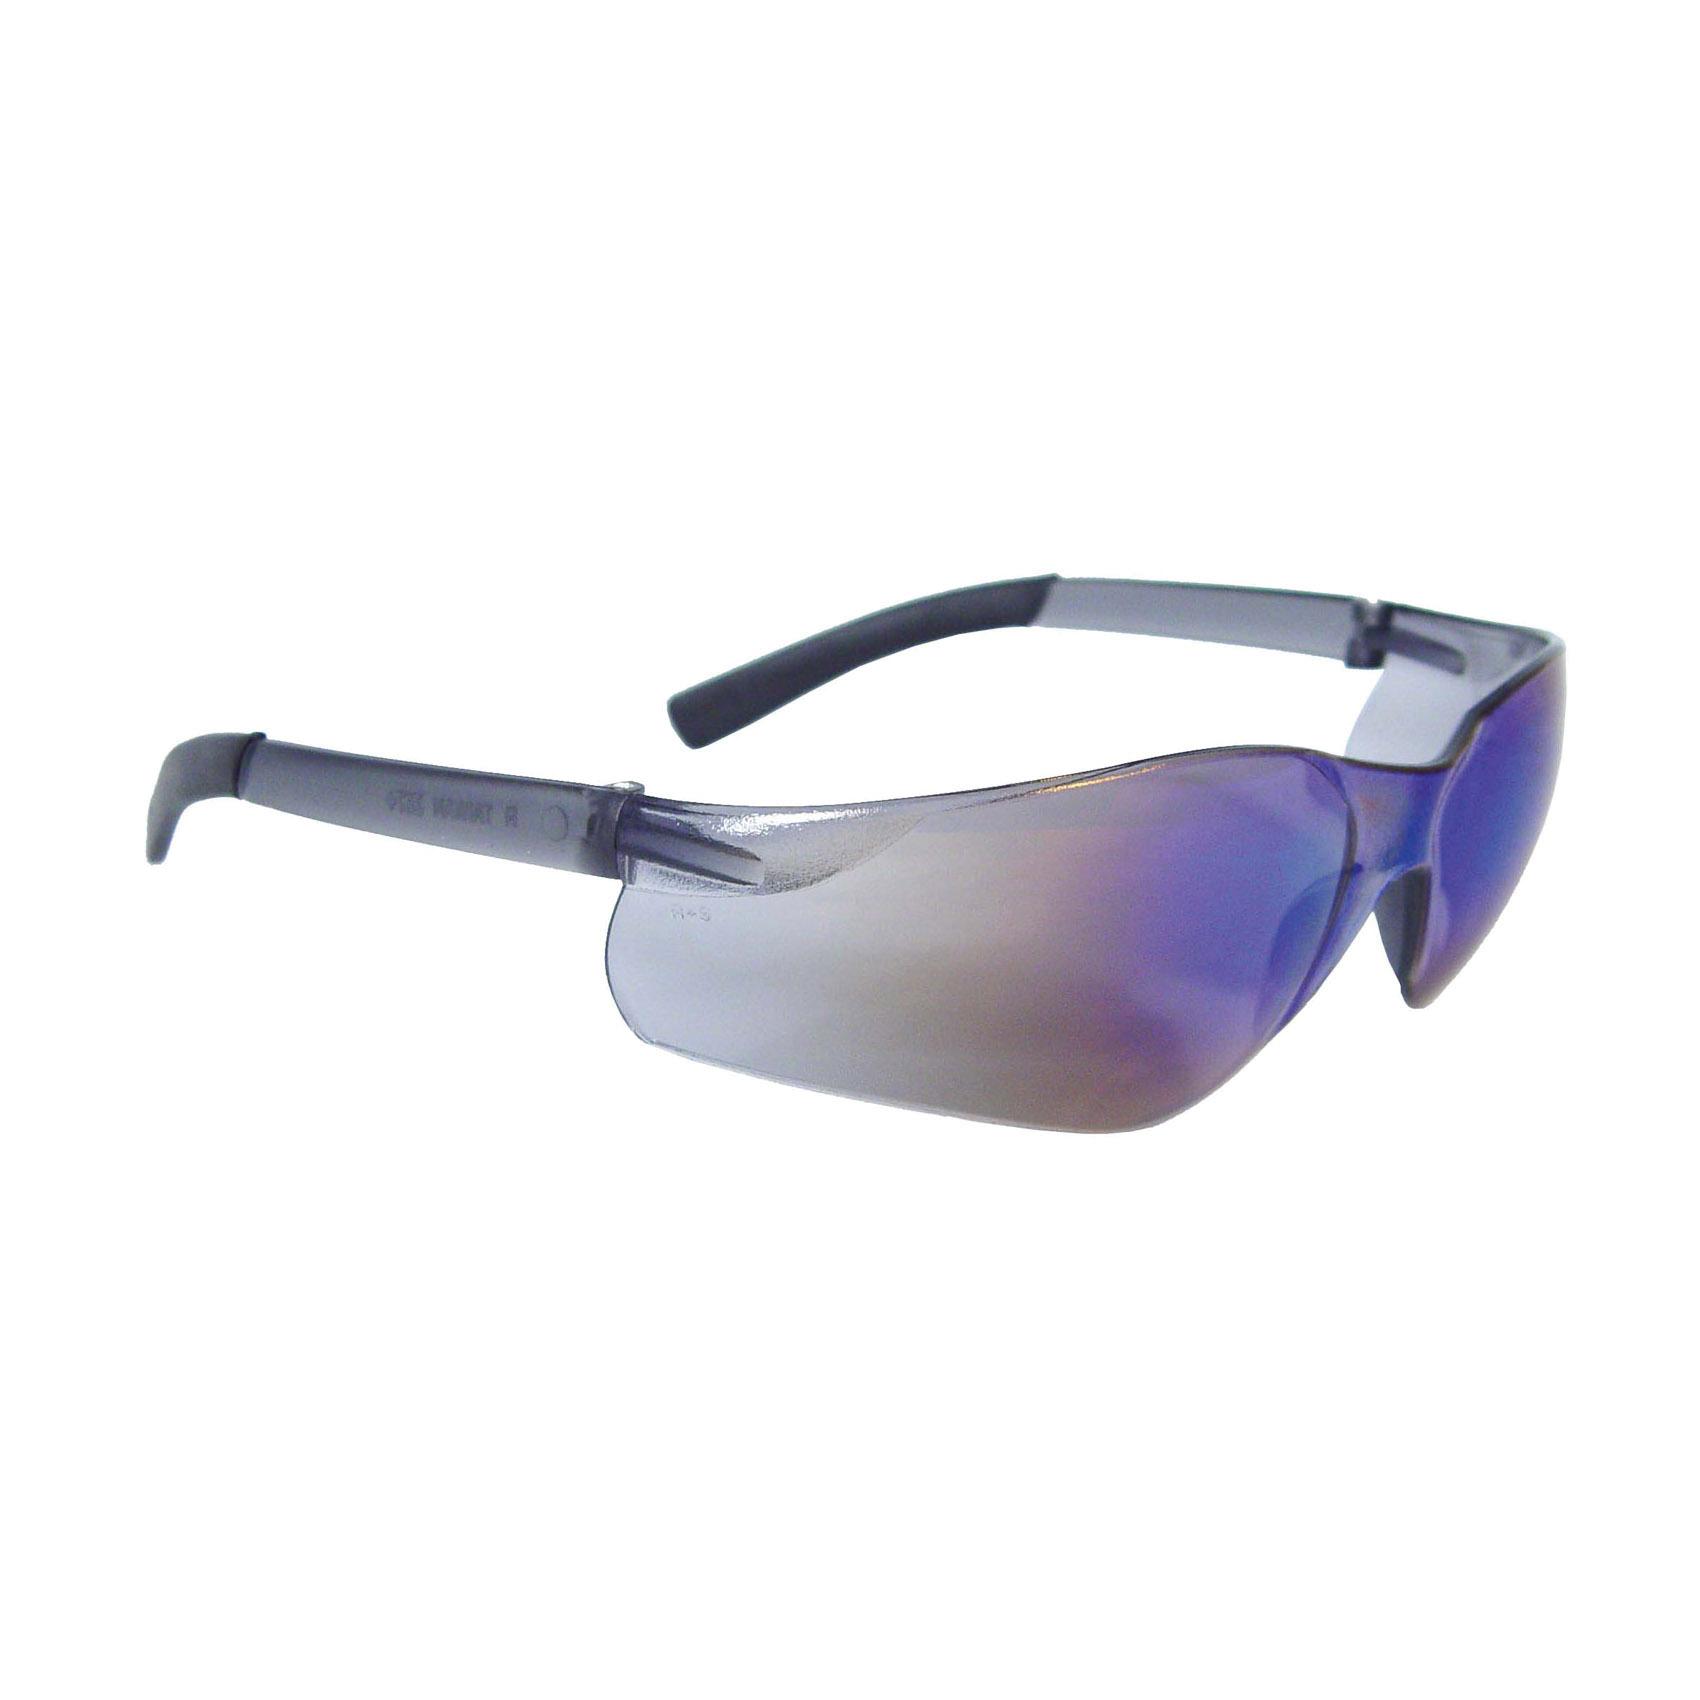 Radians® AT1-40 AT1 Rad-Atac™ Lightweight Safety Eyewear, Hard Coat/Impact Resistant, Amber Lens, Half Framed Frame, Amber, Rubber Frame, Polycarbonate Lens, ANSI Z87.1+, CSA Z94.3